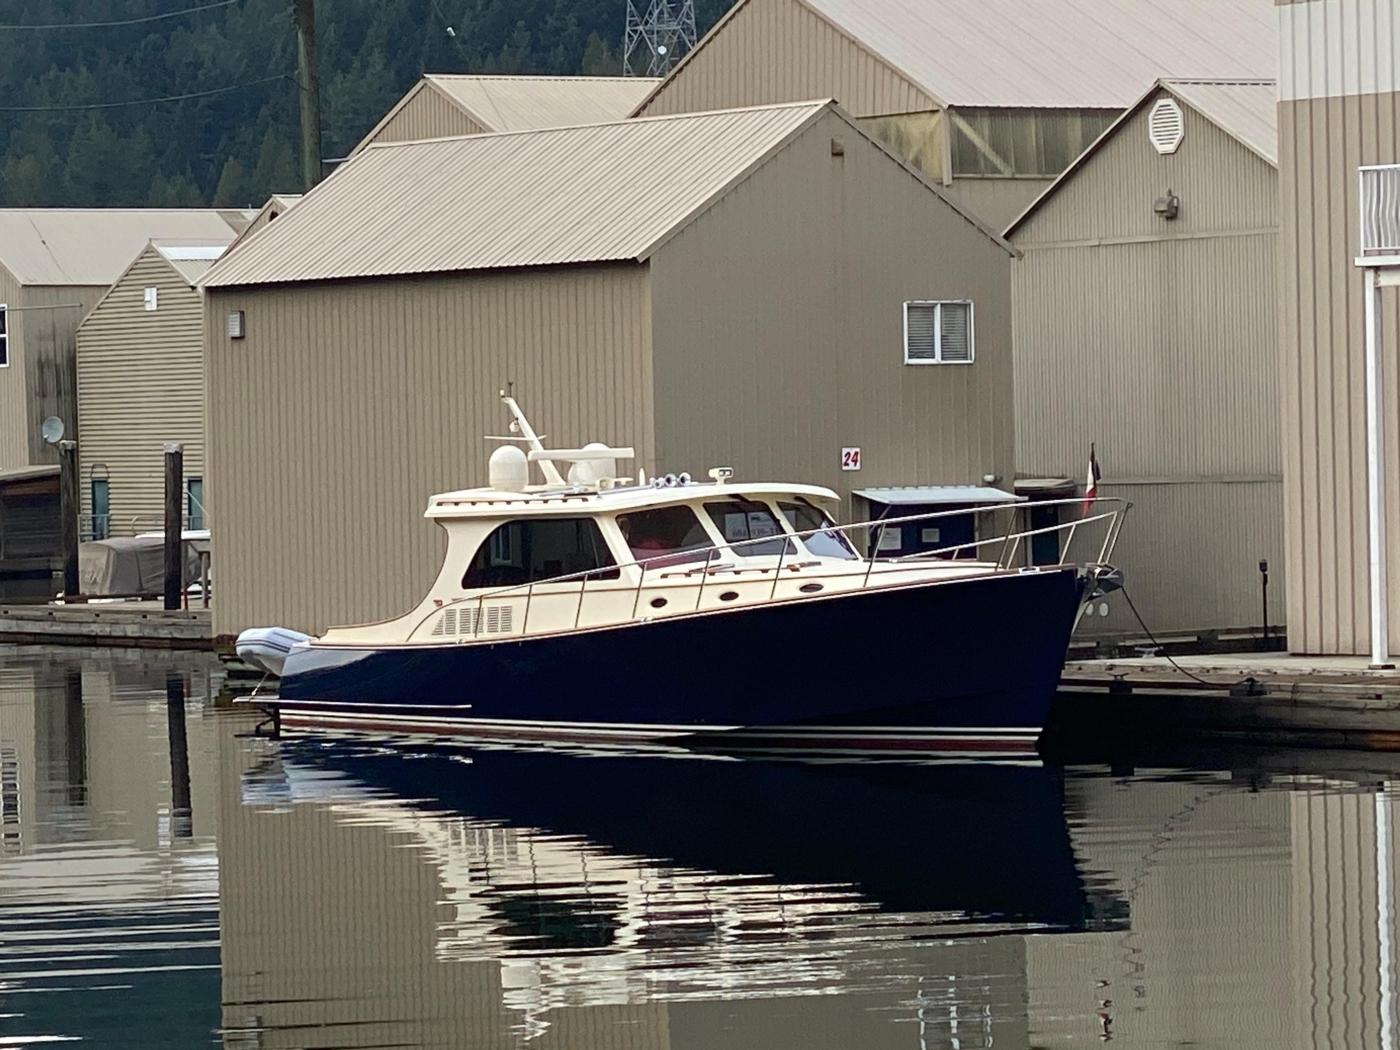 2018 Hinckley Talaria 48 MKII, At dock